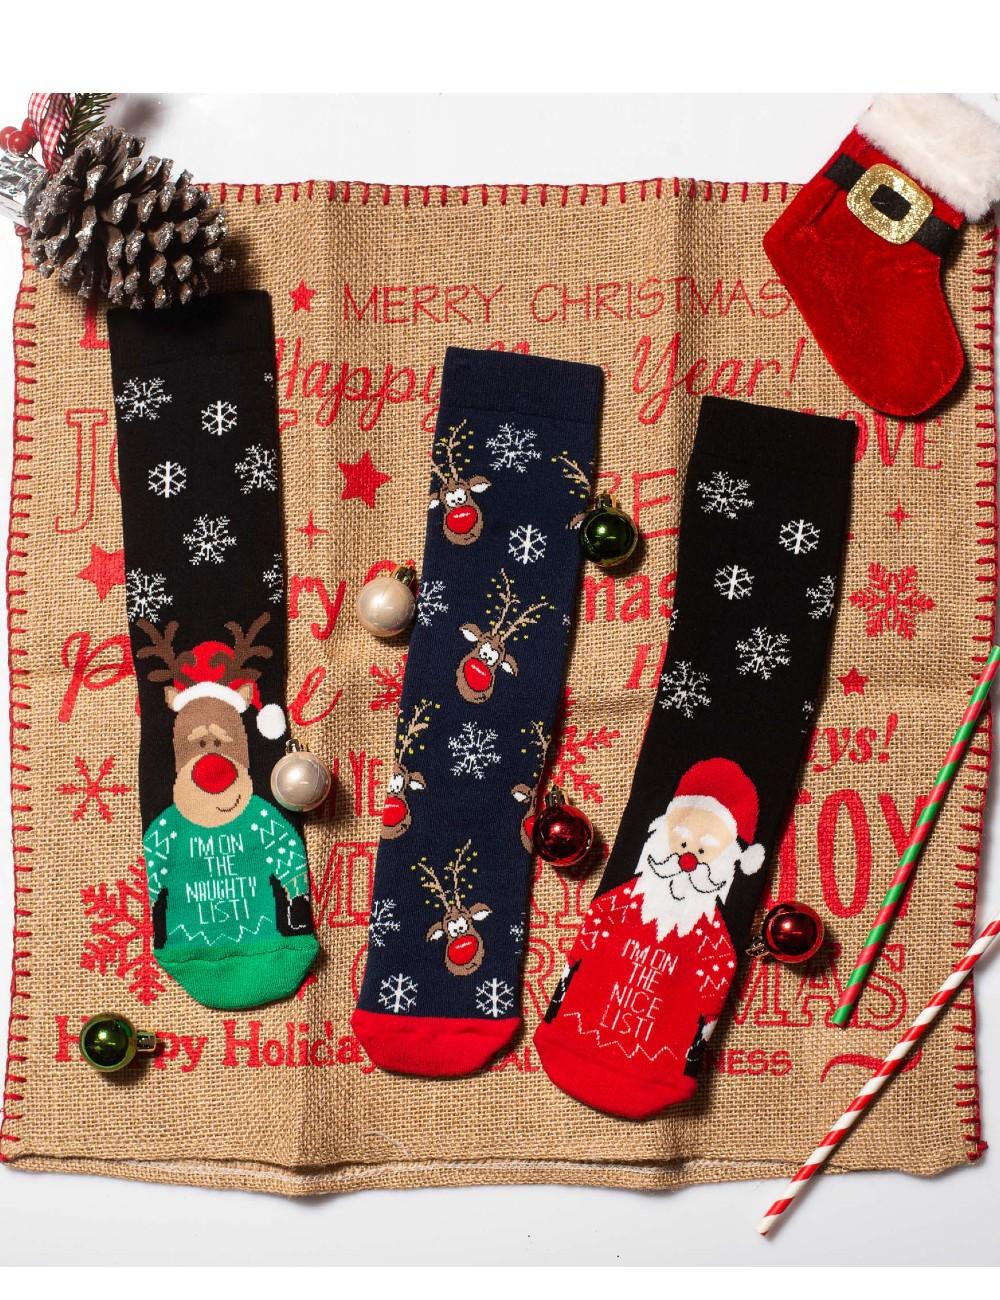 Κάλτσες Χριστουγεννιάτικες Christmas List Vtexsocks Σετ 3 τμχ